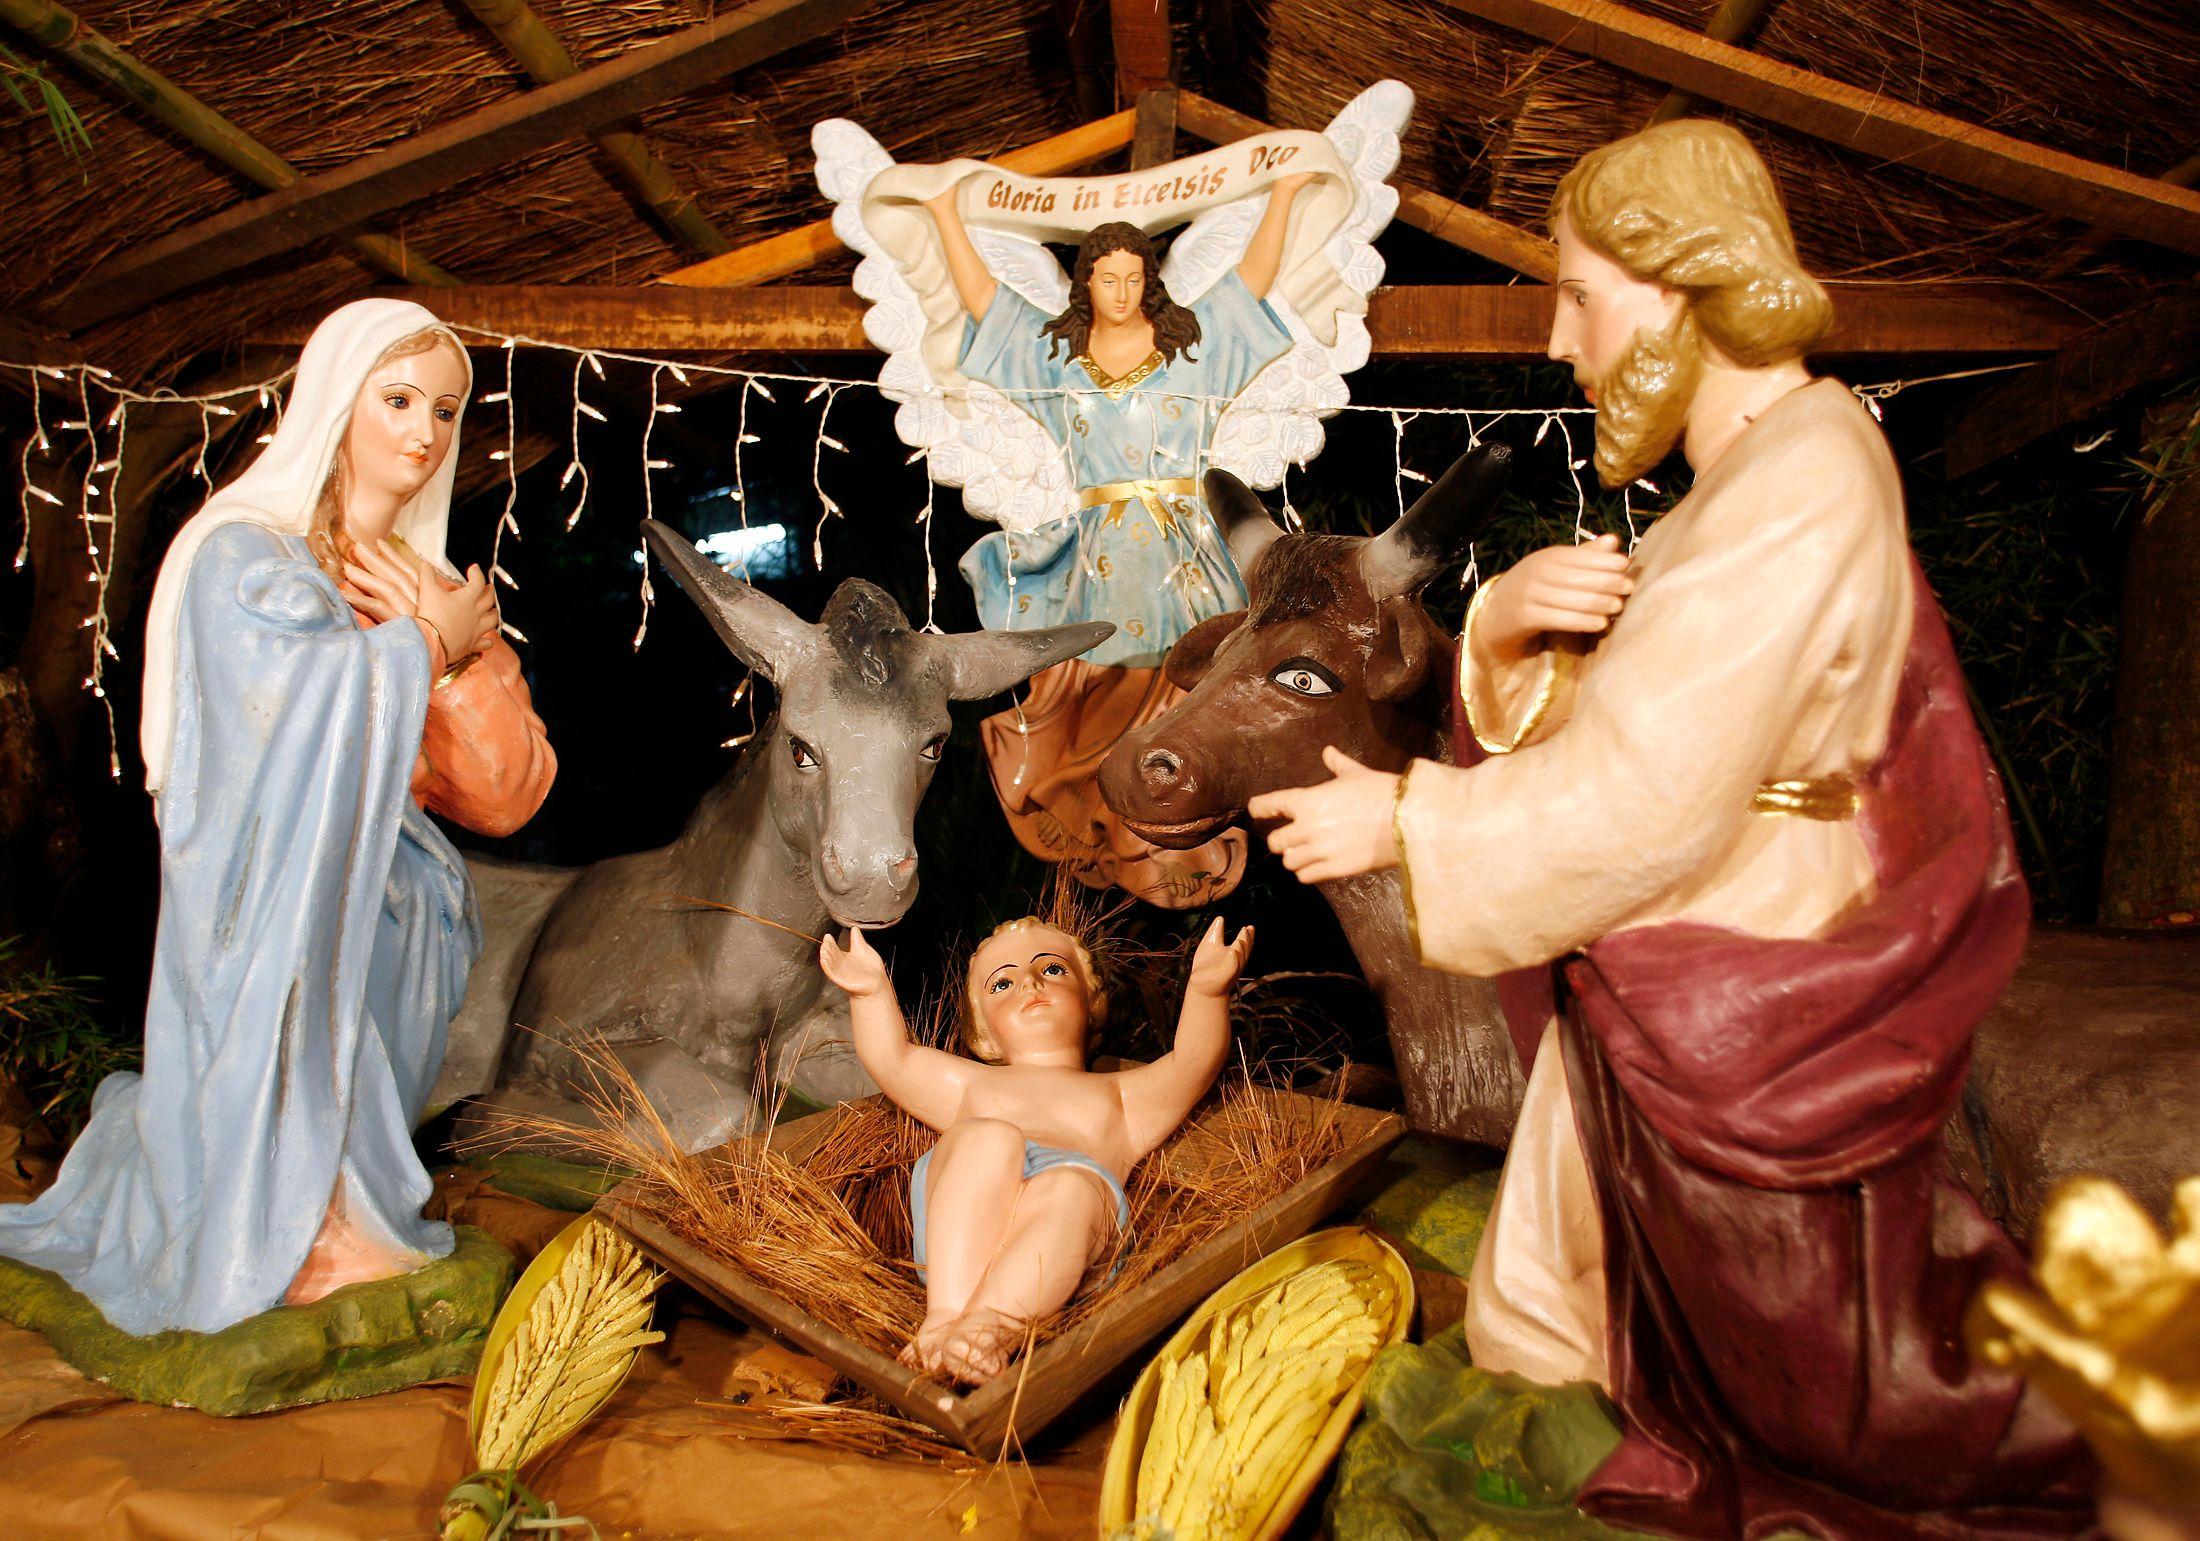 Marie et Joseph étaient des migrants ! Ça doit être vrai, puisque c'est le pape qui le dit…